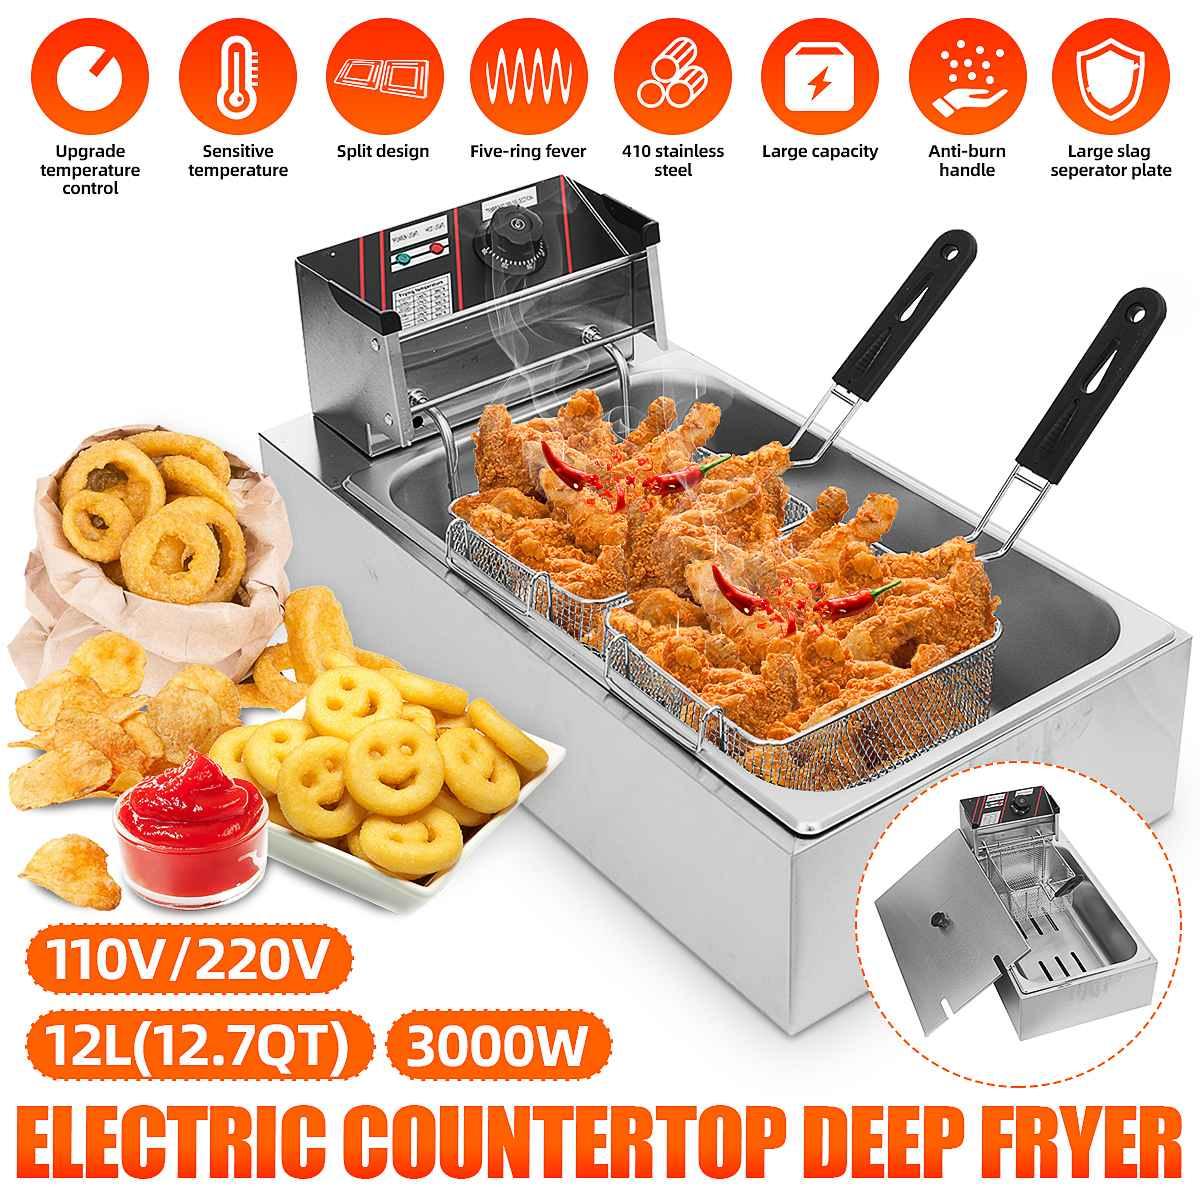 Одиночный резервуар 12L электрическая фритюрница бездымного картофель фри для жарки курицы горшок Регулируемый коммерческий мини для тушеного мяса с печь 110V/220V